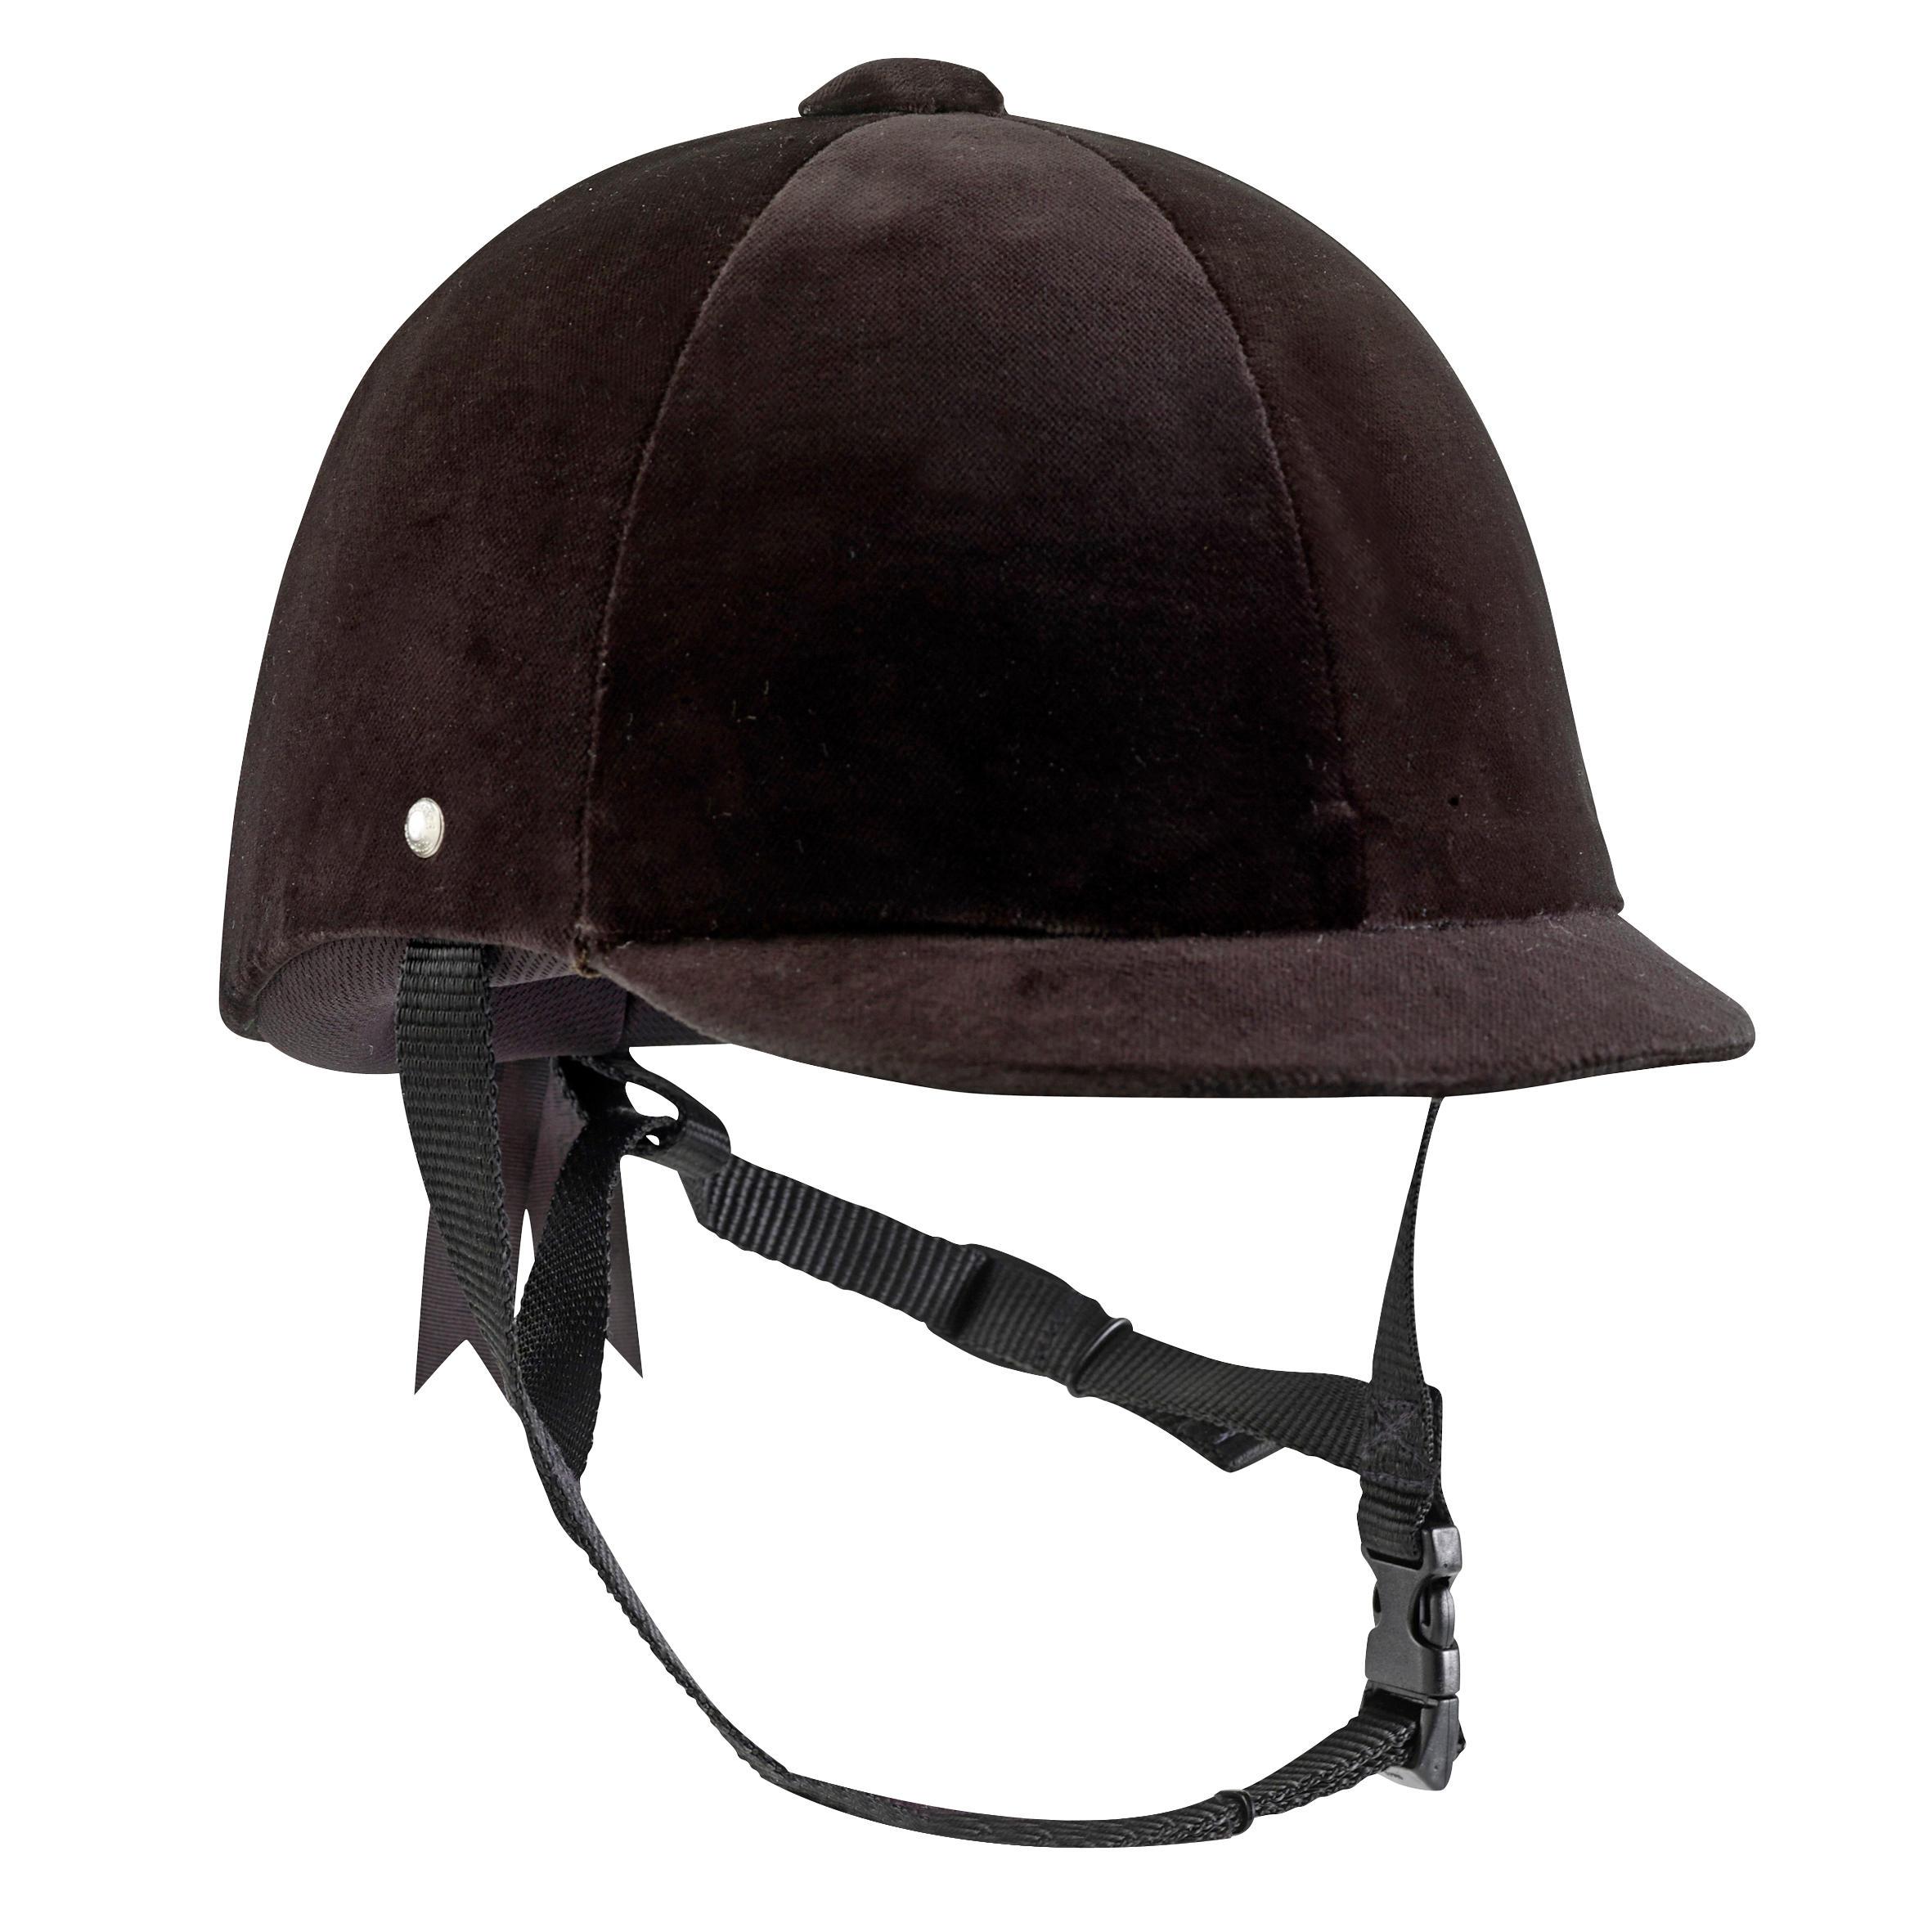 Fouganza Helm C400 fluweel zwart maat 52 tot 59 cm